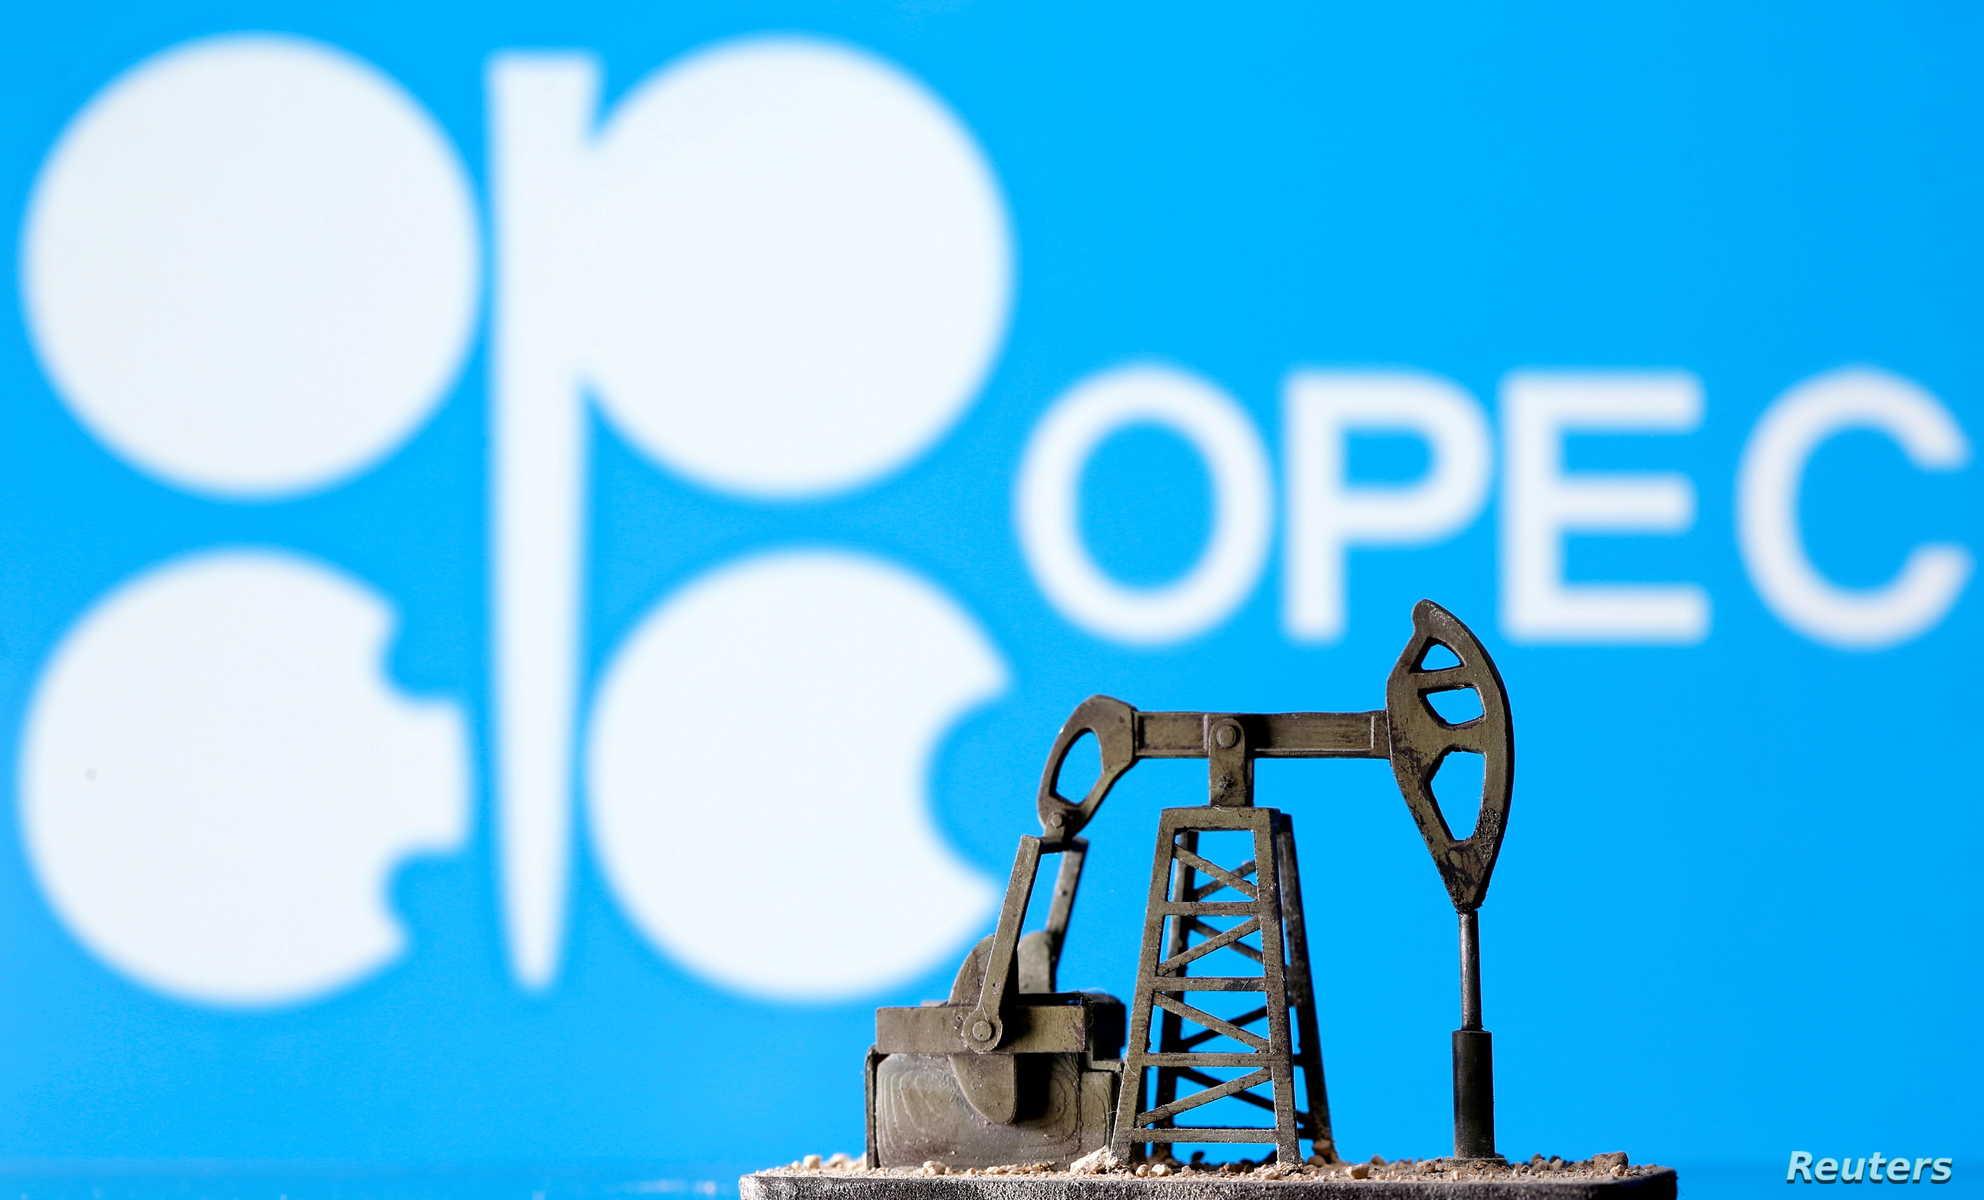 وكالة الطاقة الدولية تتوقع تجاوز الطلب على النفط معدلات ما قبل «كورونا»